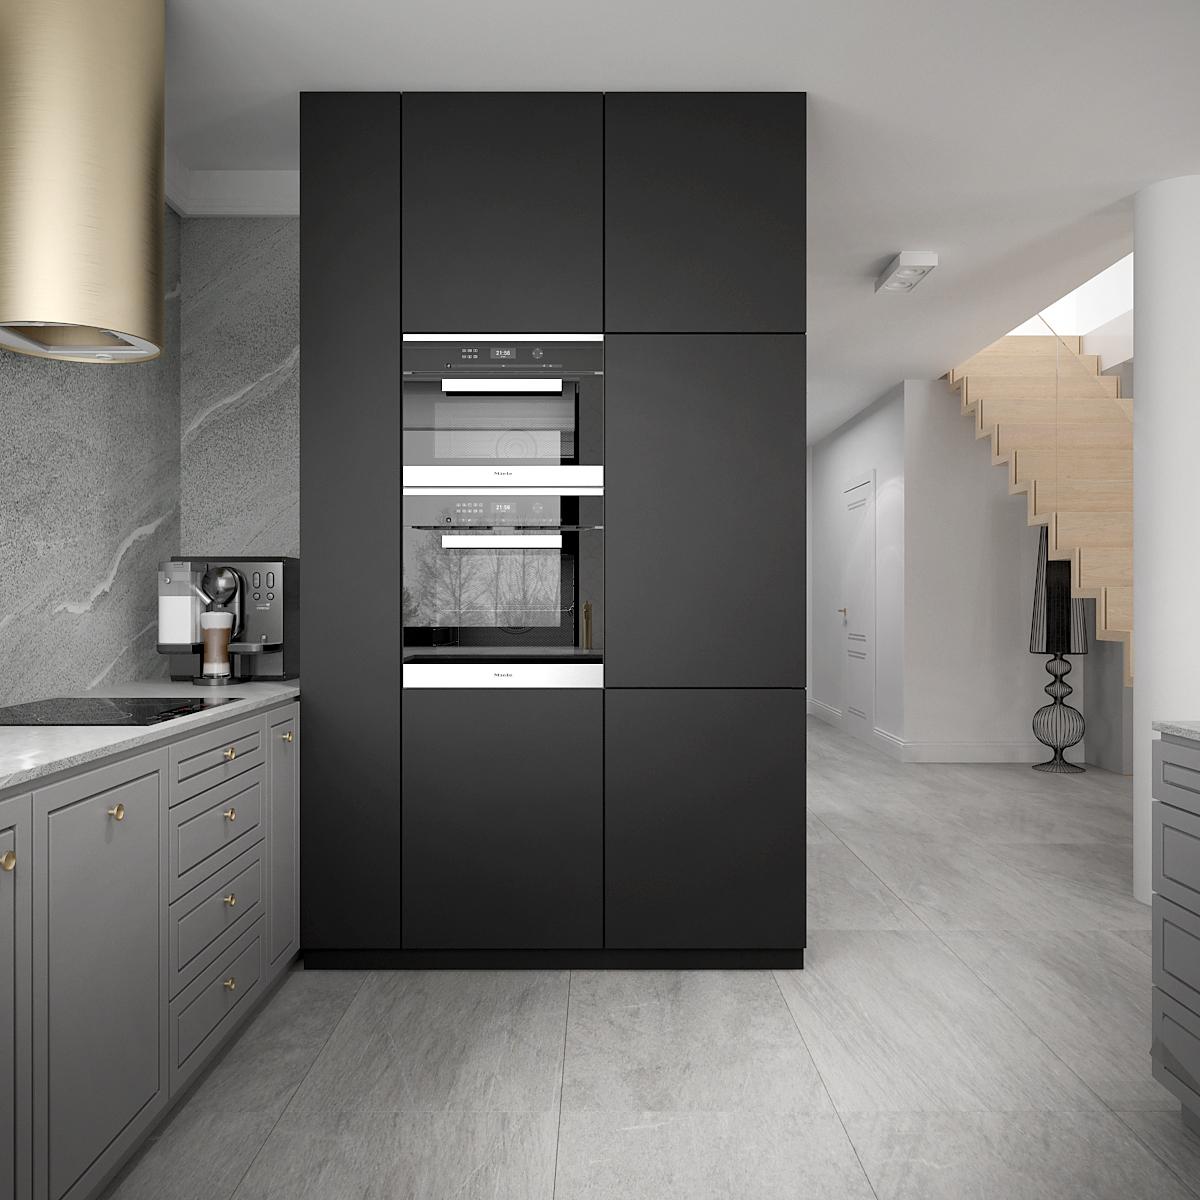 10 architek wnetrz D538 dom nowy sacz kuchnia piekarnik w wysokiej zabudowie zloto czarne zabudowy